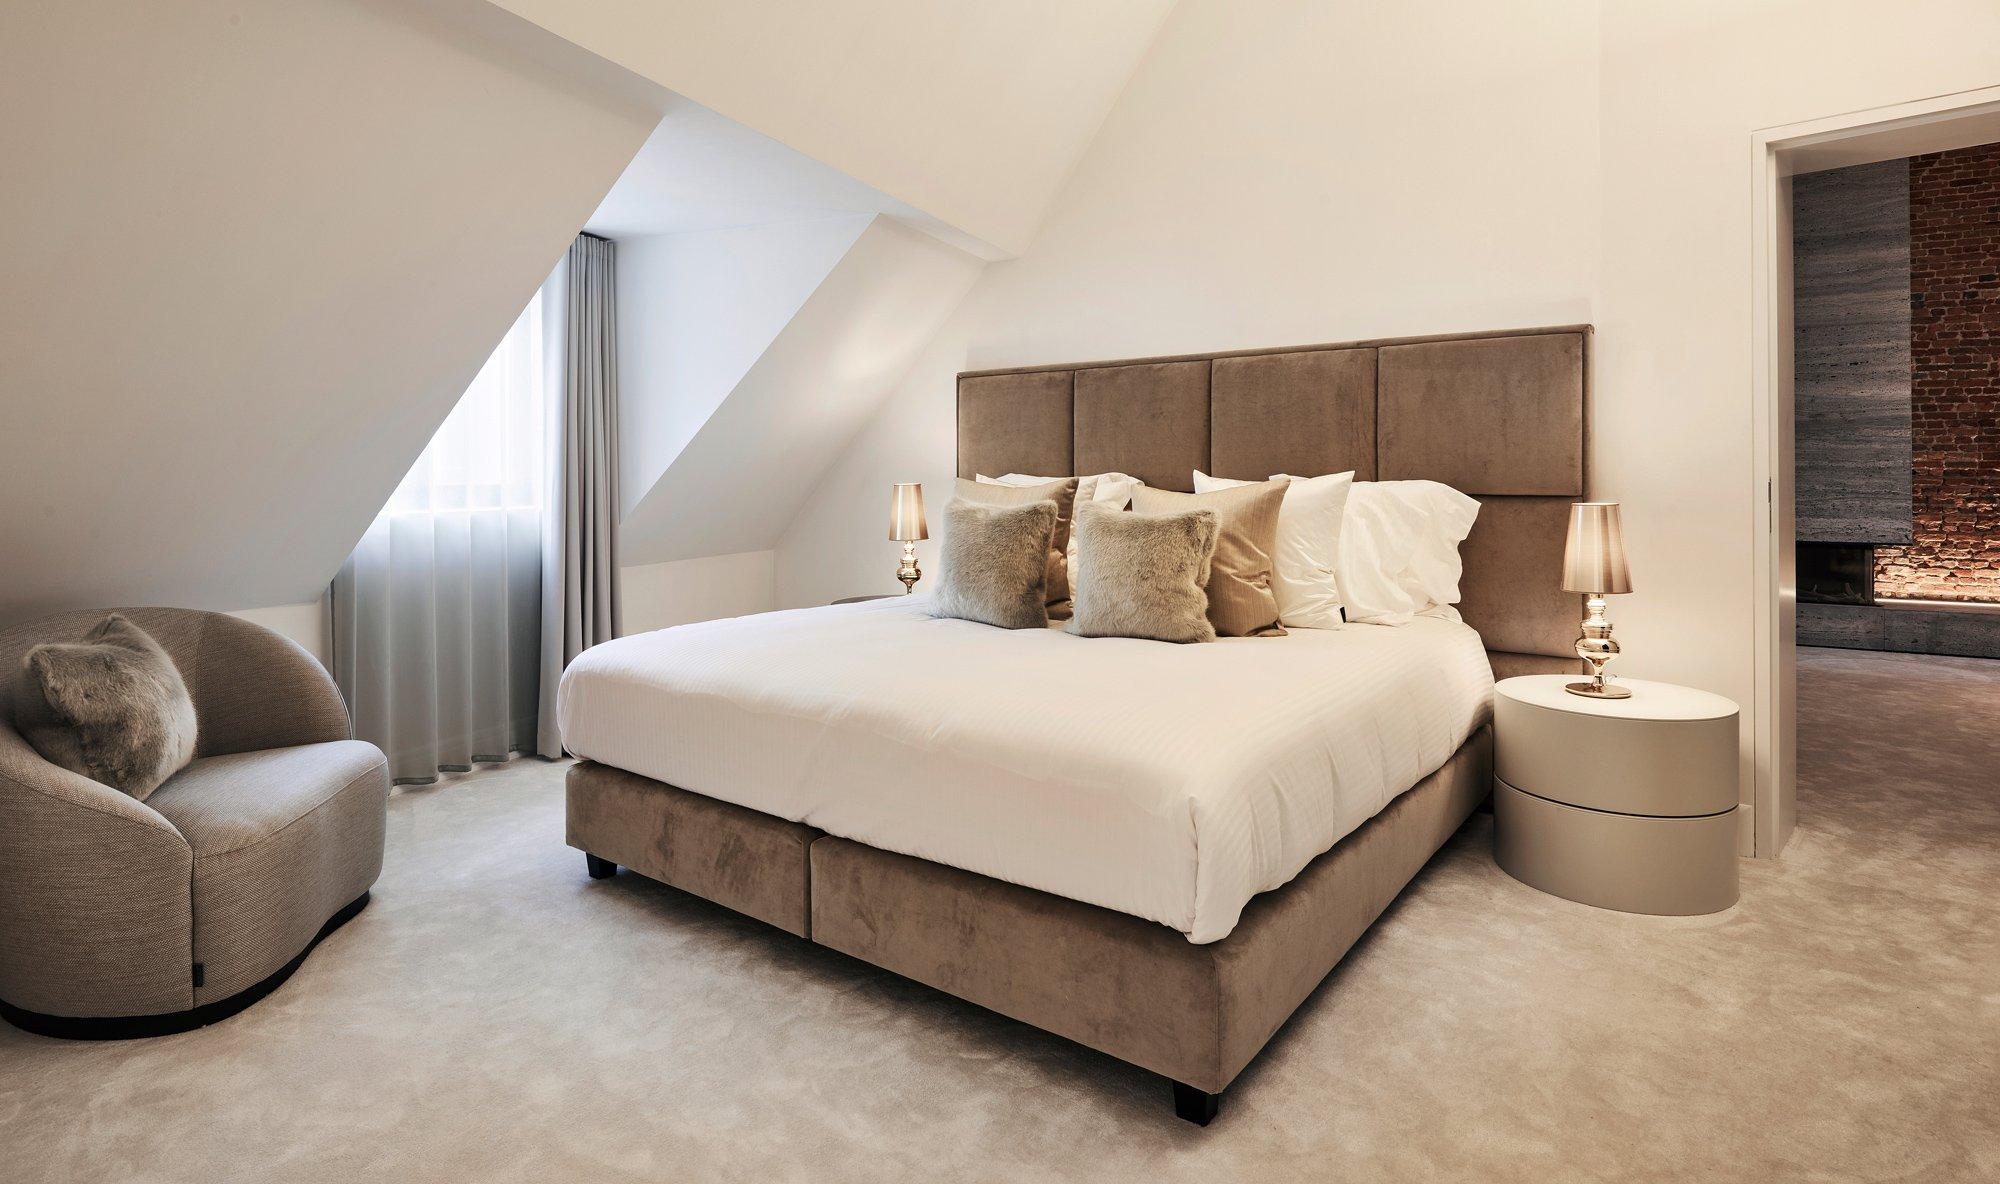 interior design beige bedroom fur pillow